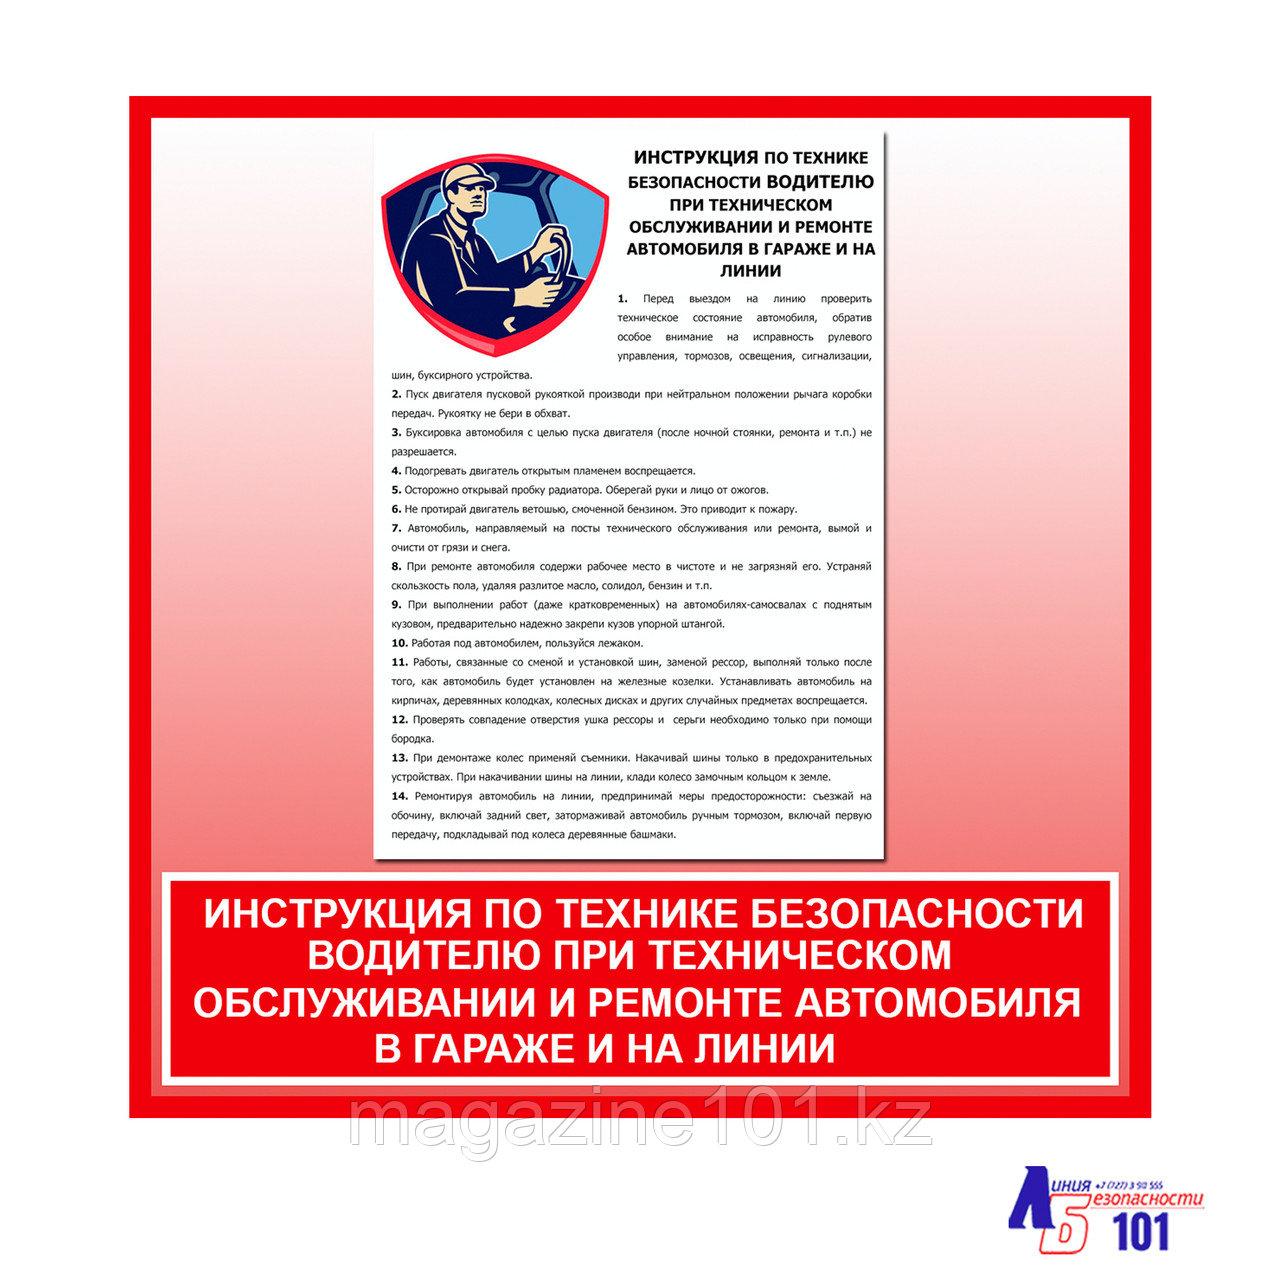 """Плакат """"Инструкция по технике безопасности водителю при техническом обслуживании и ремонте автомобиля ..."""""""